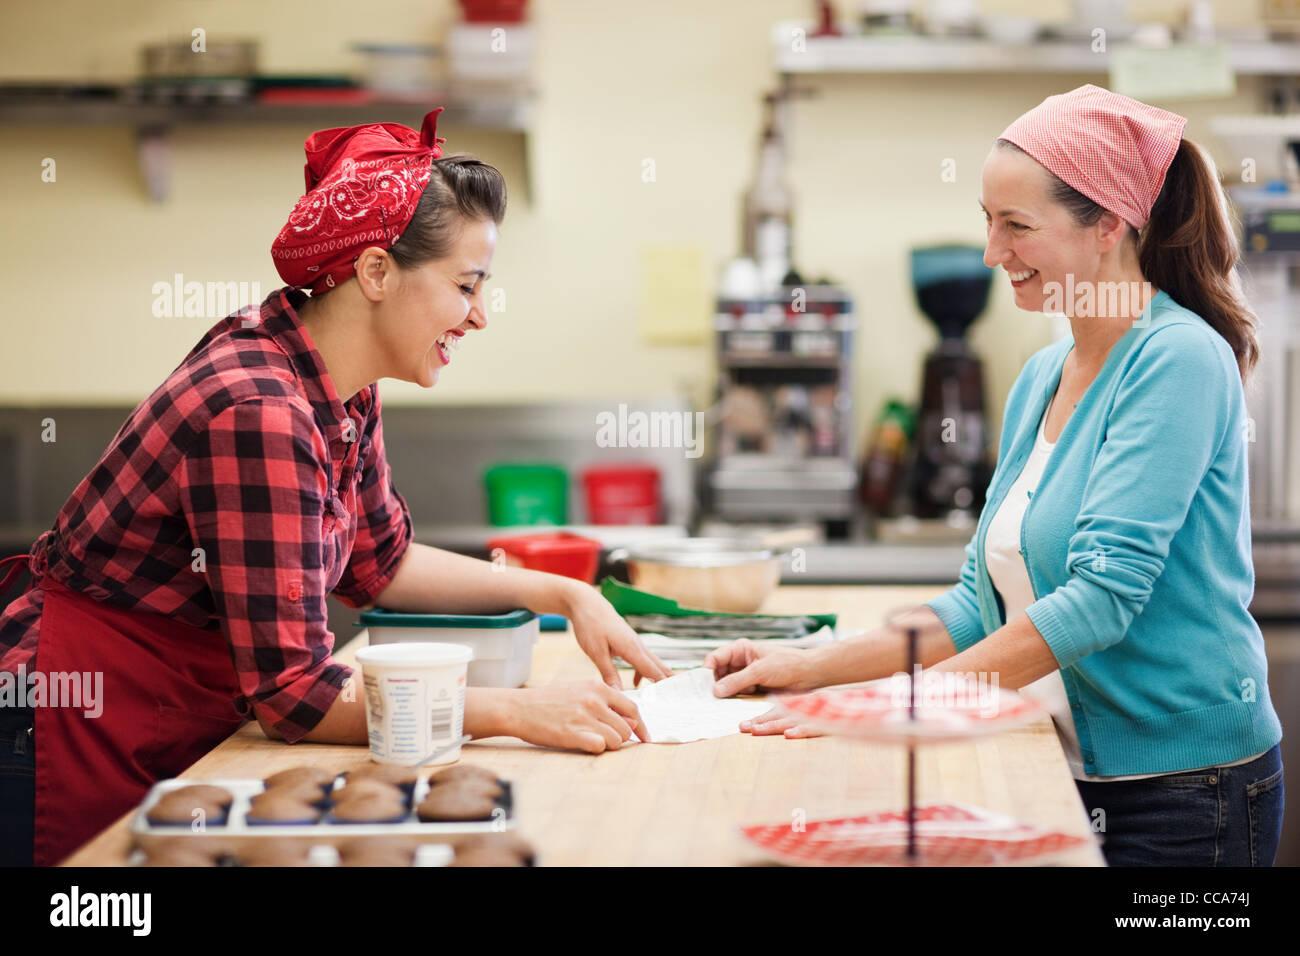 Le donne che lavorano insieme in cucina commerciale Immagini Stock